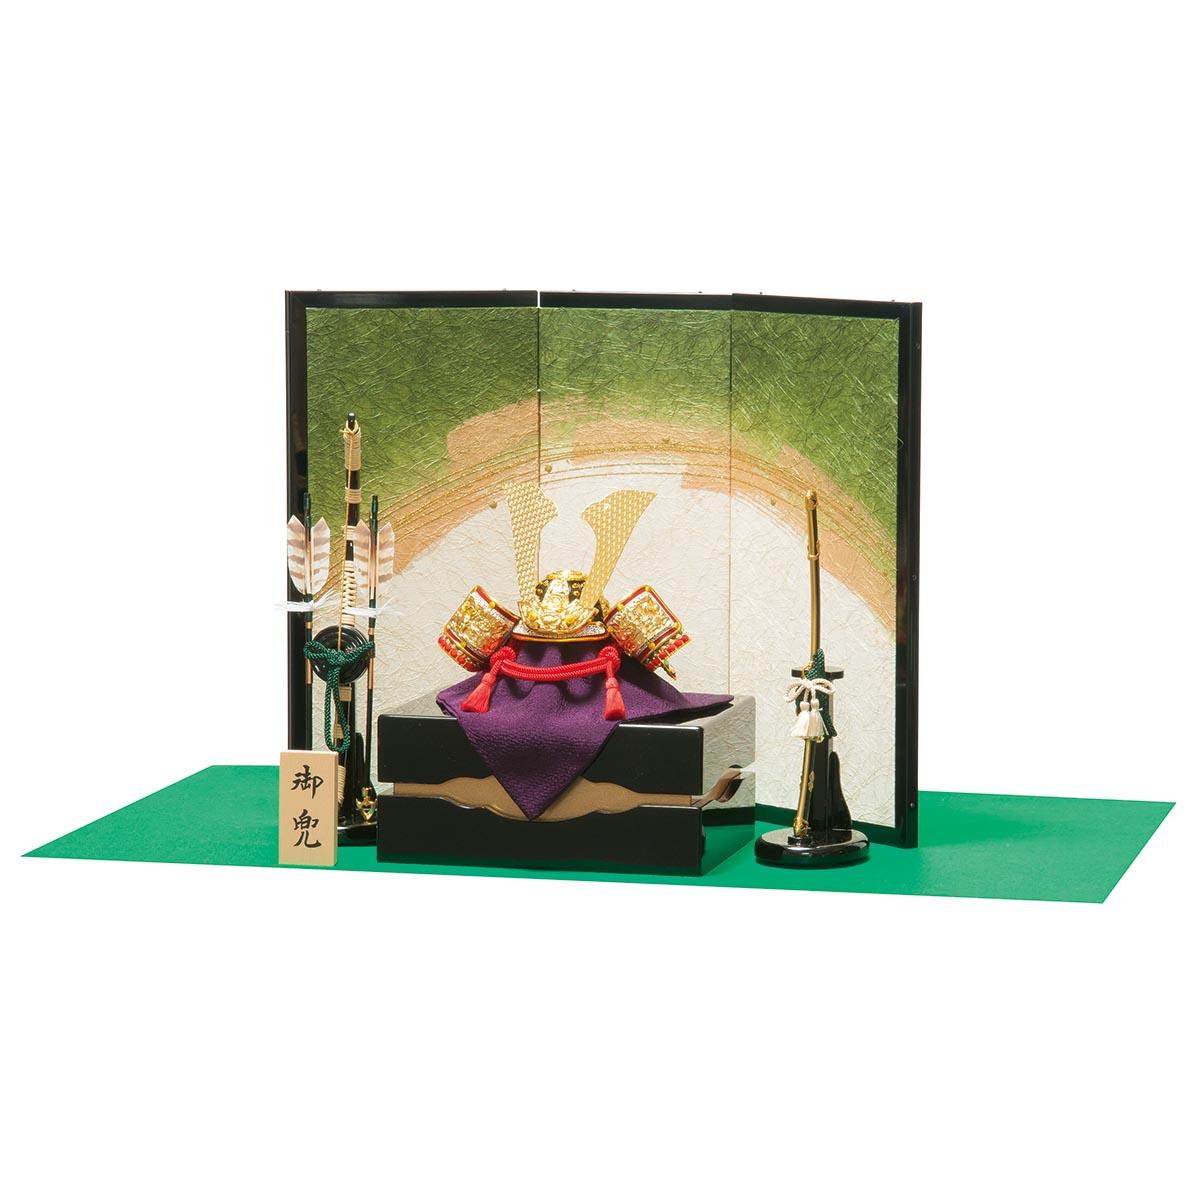 五月人形 平安豊久 兜収納飾り 緑風 兜収納飾り ≪GOH-502318≫おしゃれ 兜収納飾り 兜 収納飾り 五月人形 [P10]